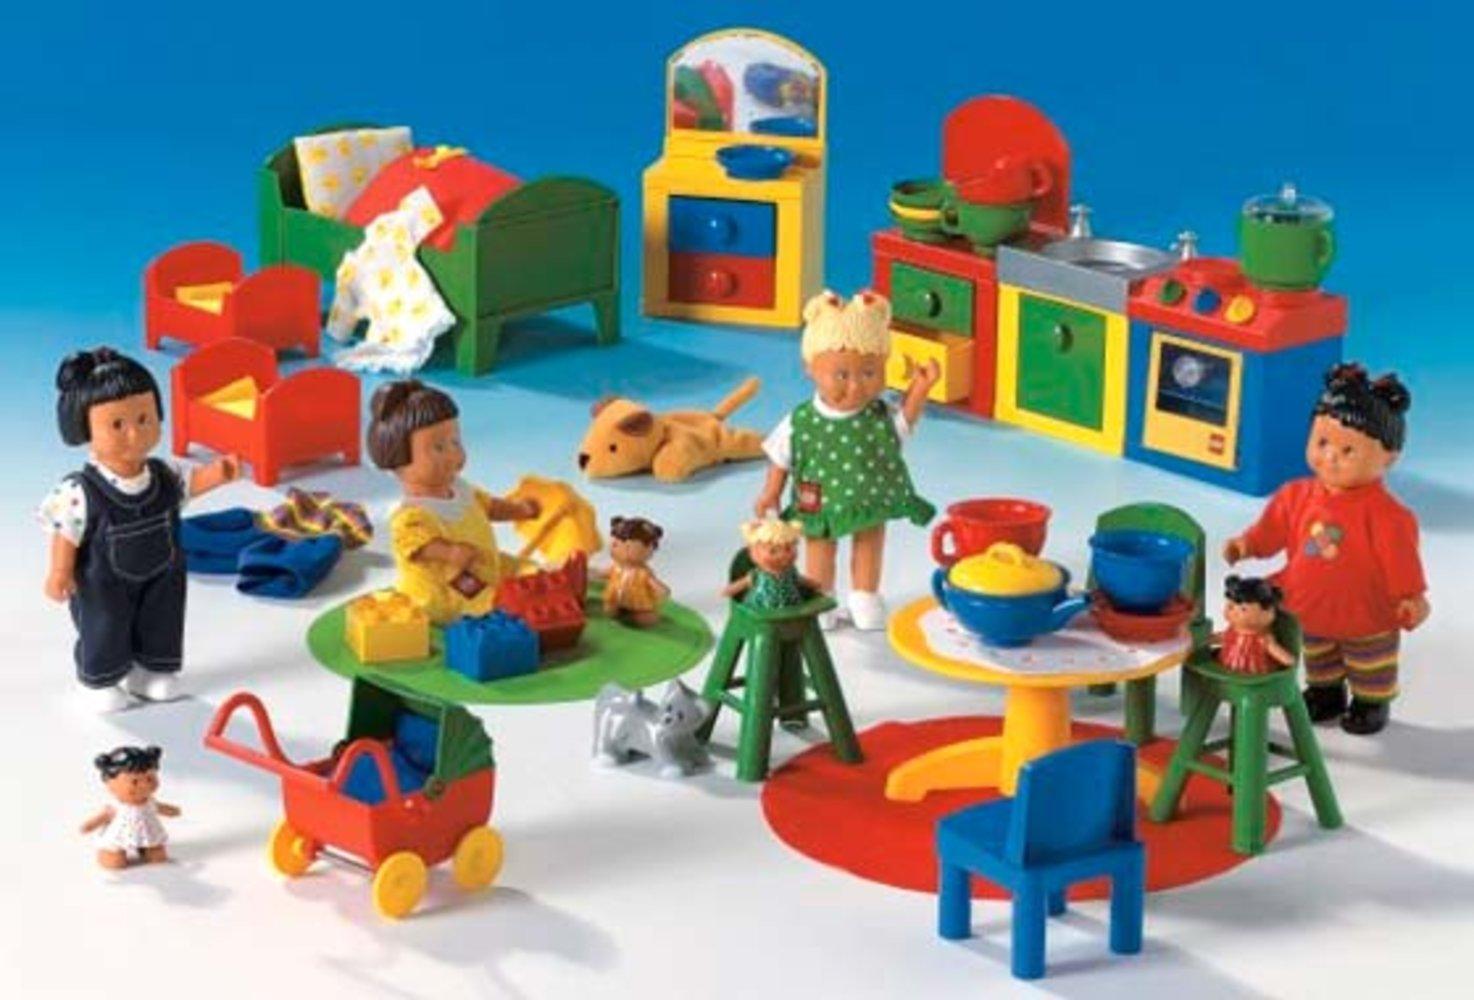 Dolls Large Set